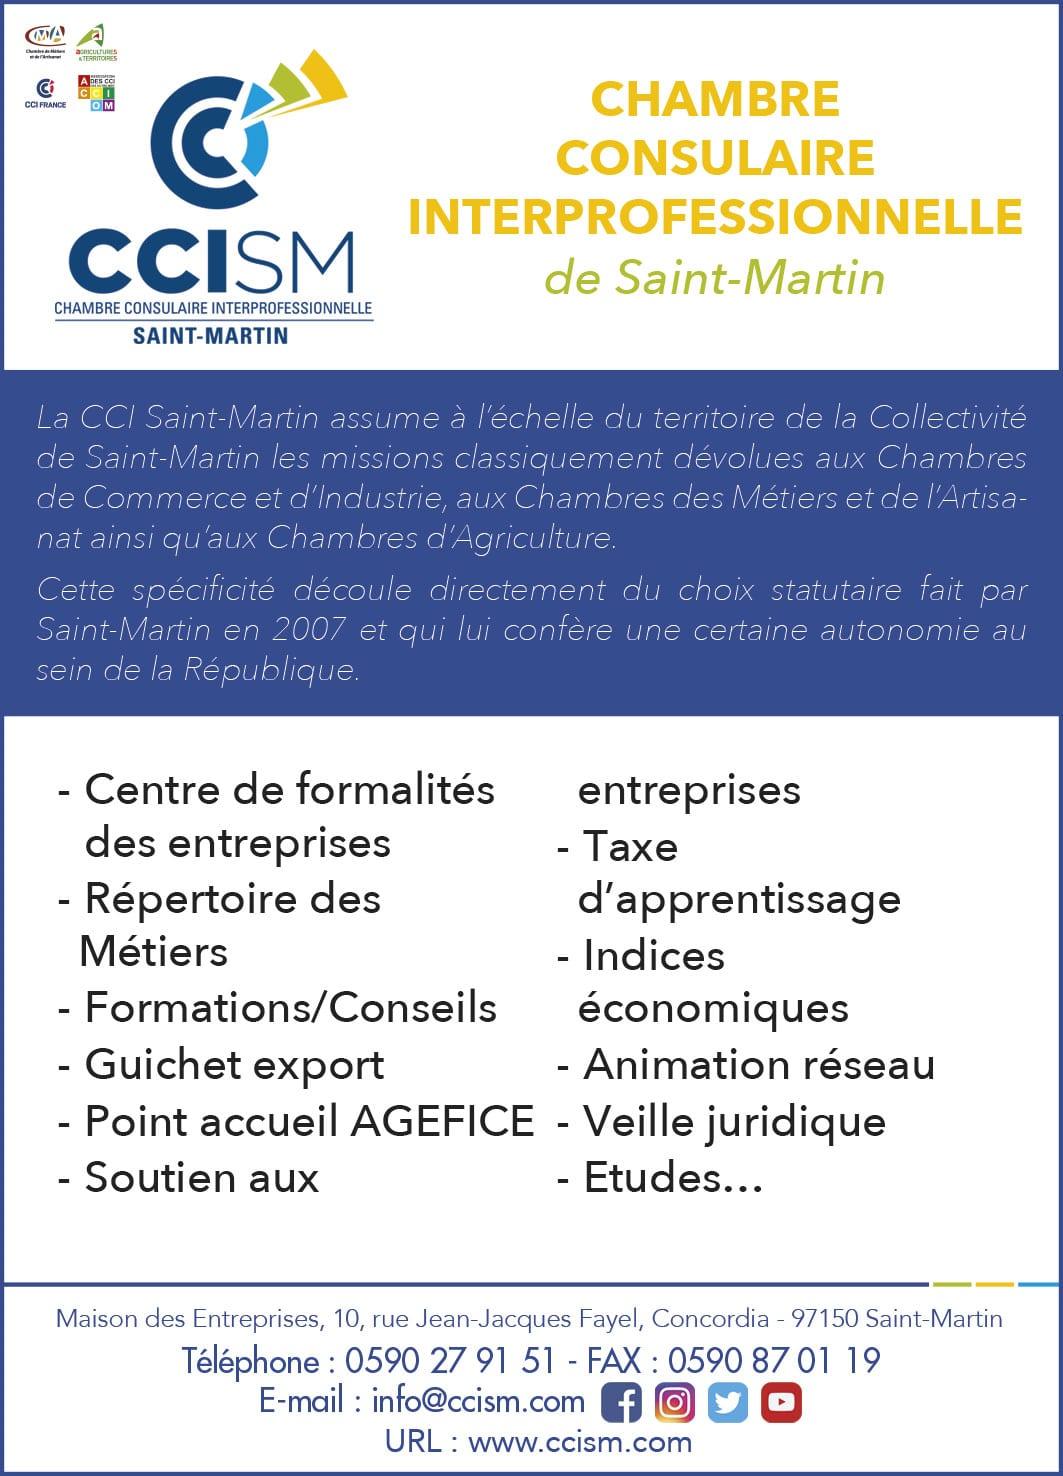 Annuaire Téléphonique St Martin - CCISM